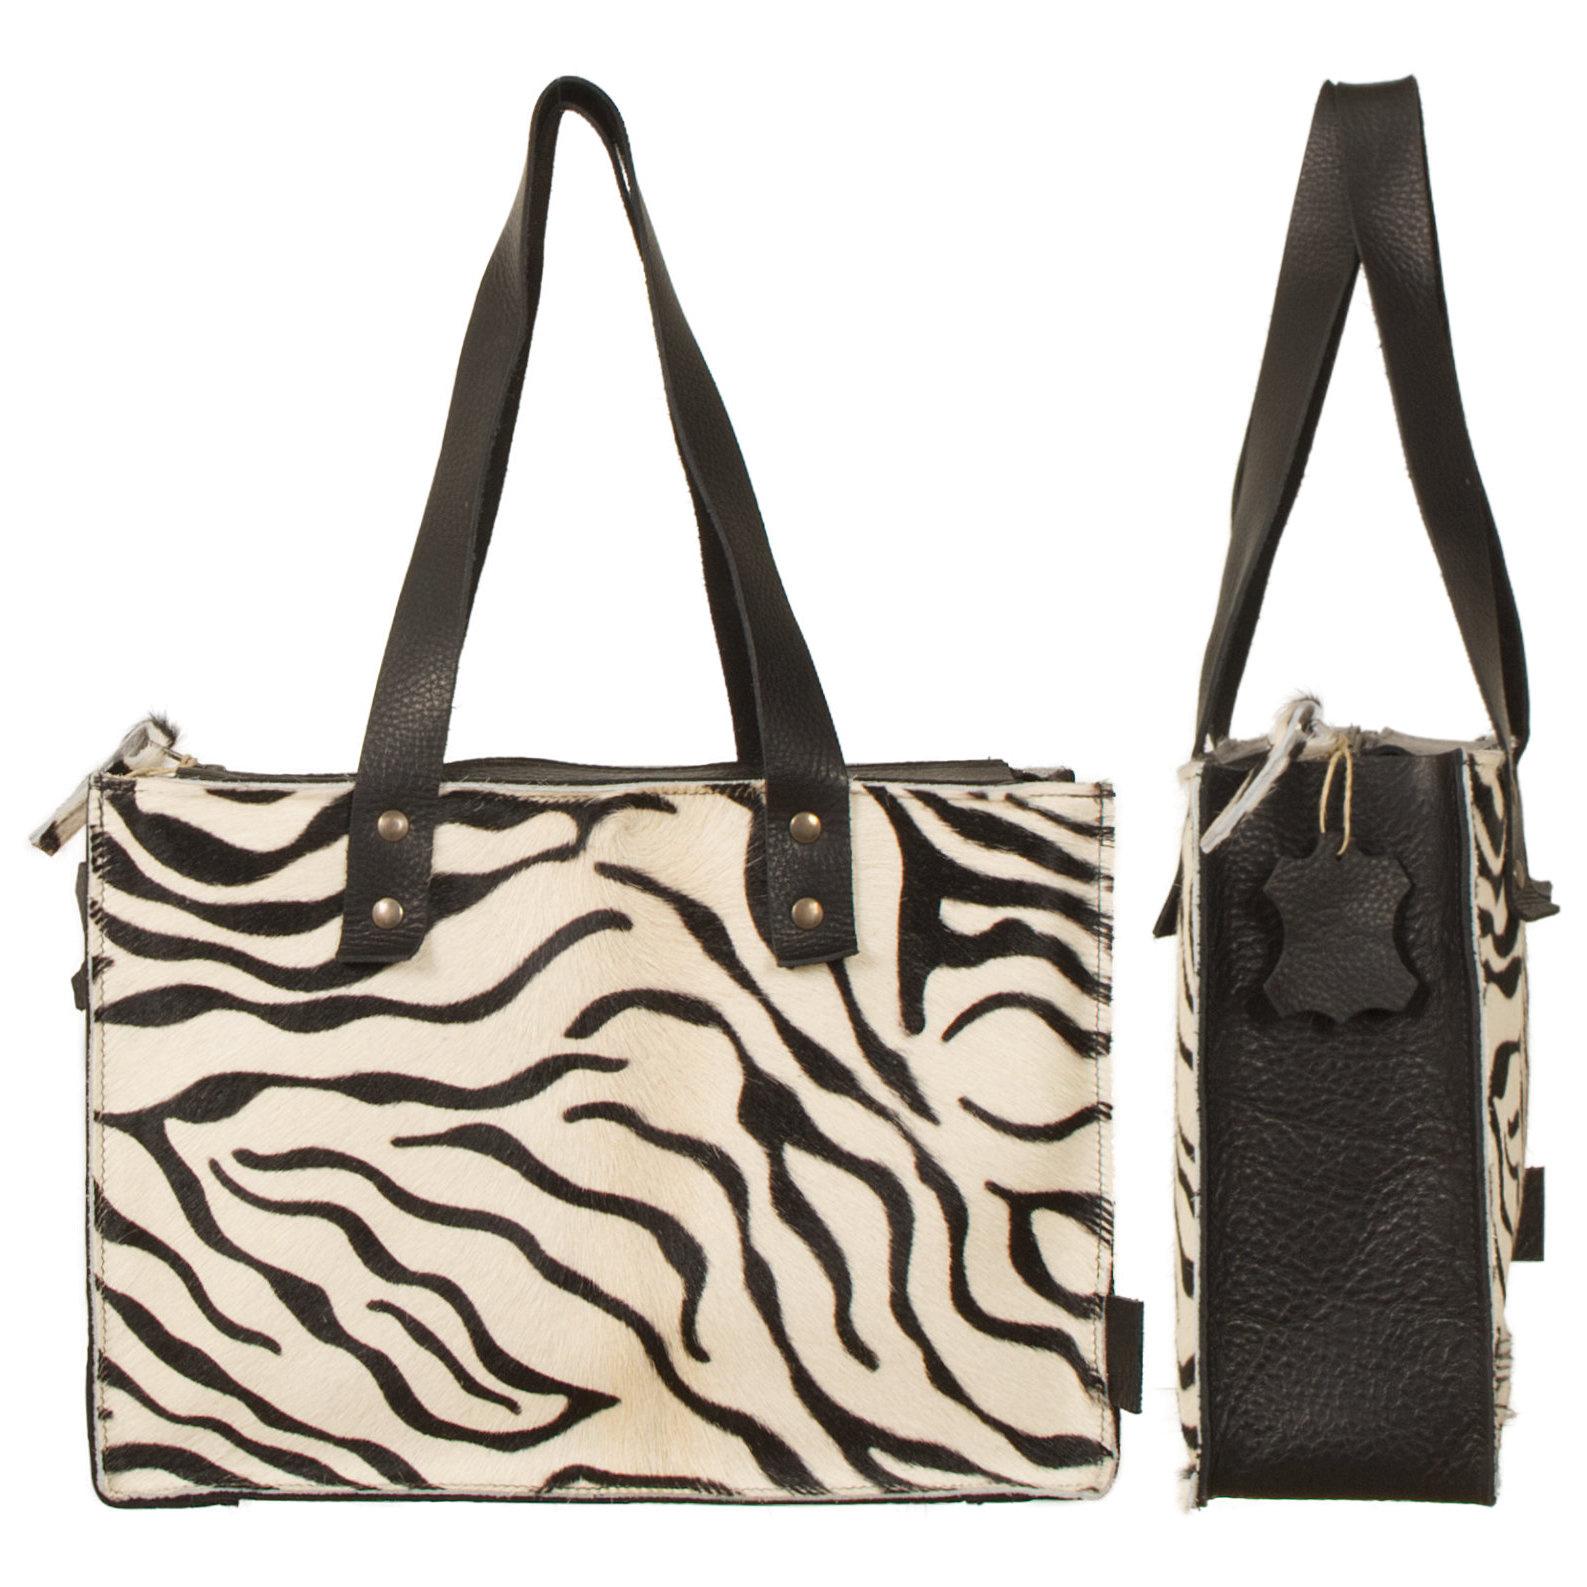 testVan Buren Koeienhuid handtas - Zwart/zebra print | Lederen handtas